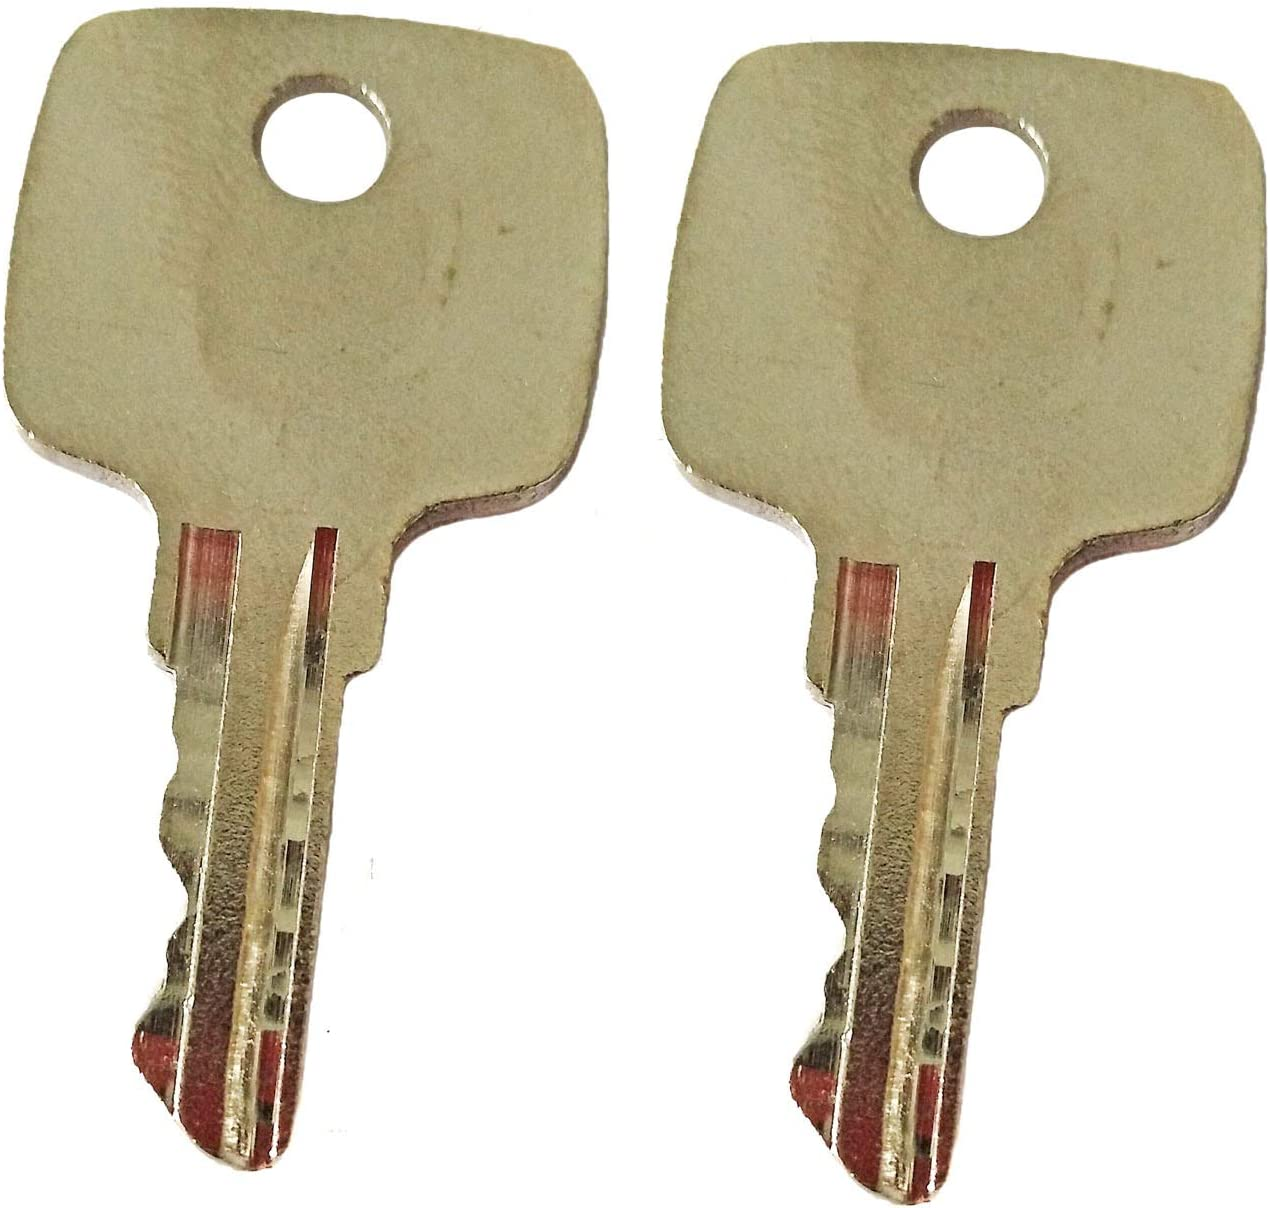 AT195302 John Deere Original Equipment Key